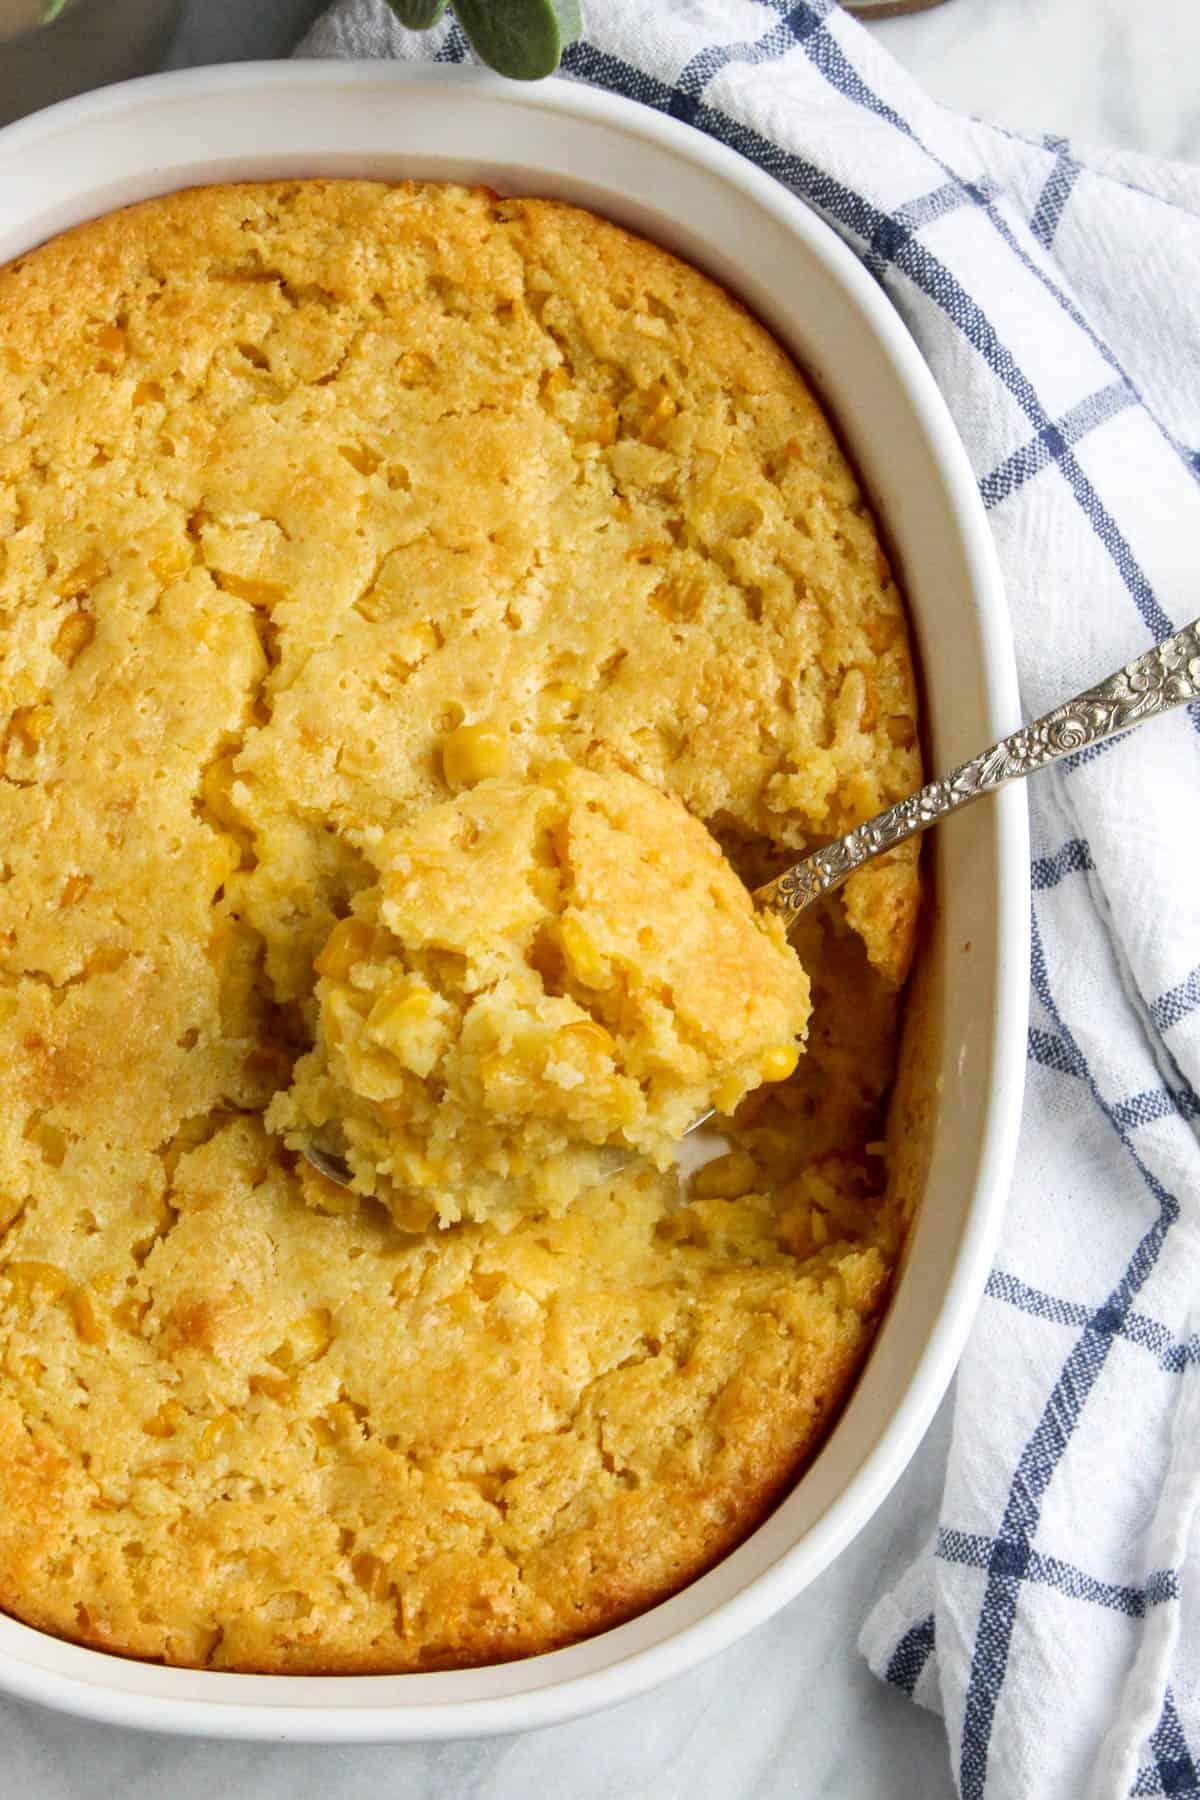 Overhead of corn soufflé with spoonful of corn casserole.